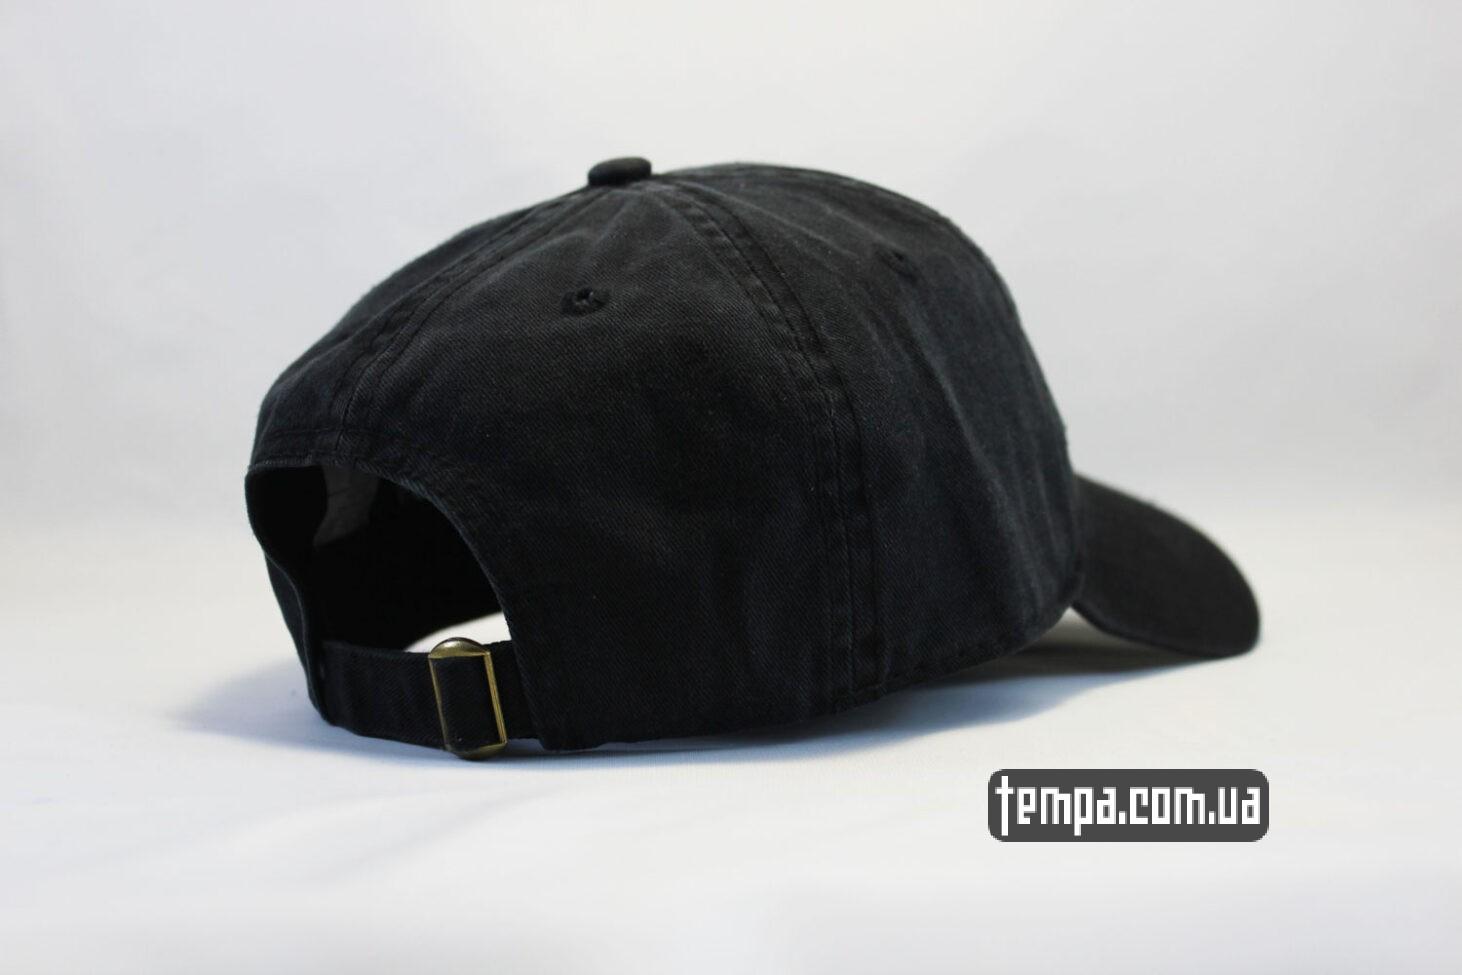 одежда Кархарт купить кепка бейсболка carhartt кожаный логтип черная